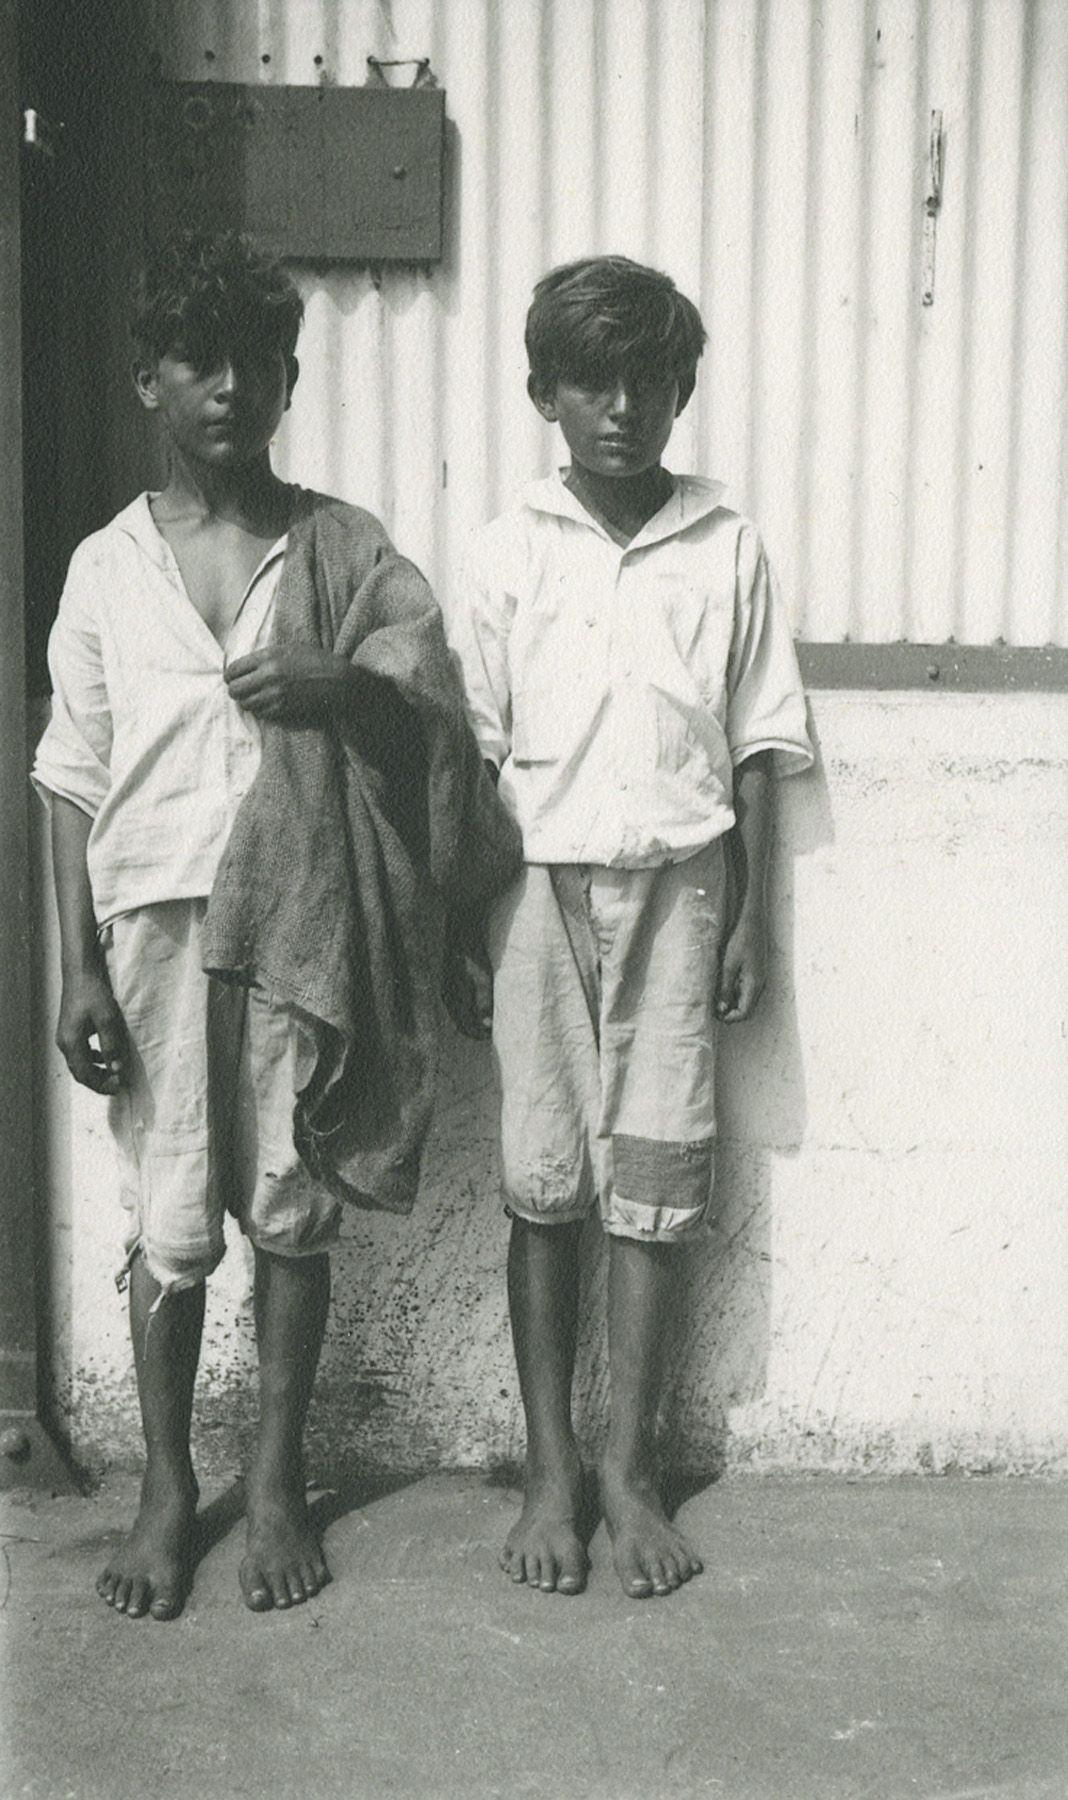 Walker Evans - Two barefooted boys, Havana, 1933 - Howard Greenberg Gallery - 2018